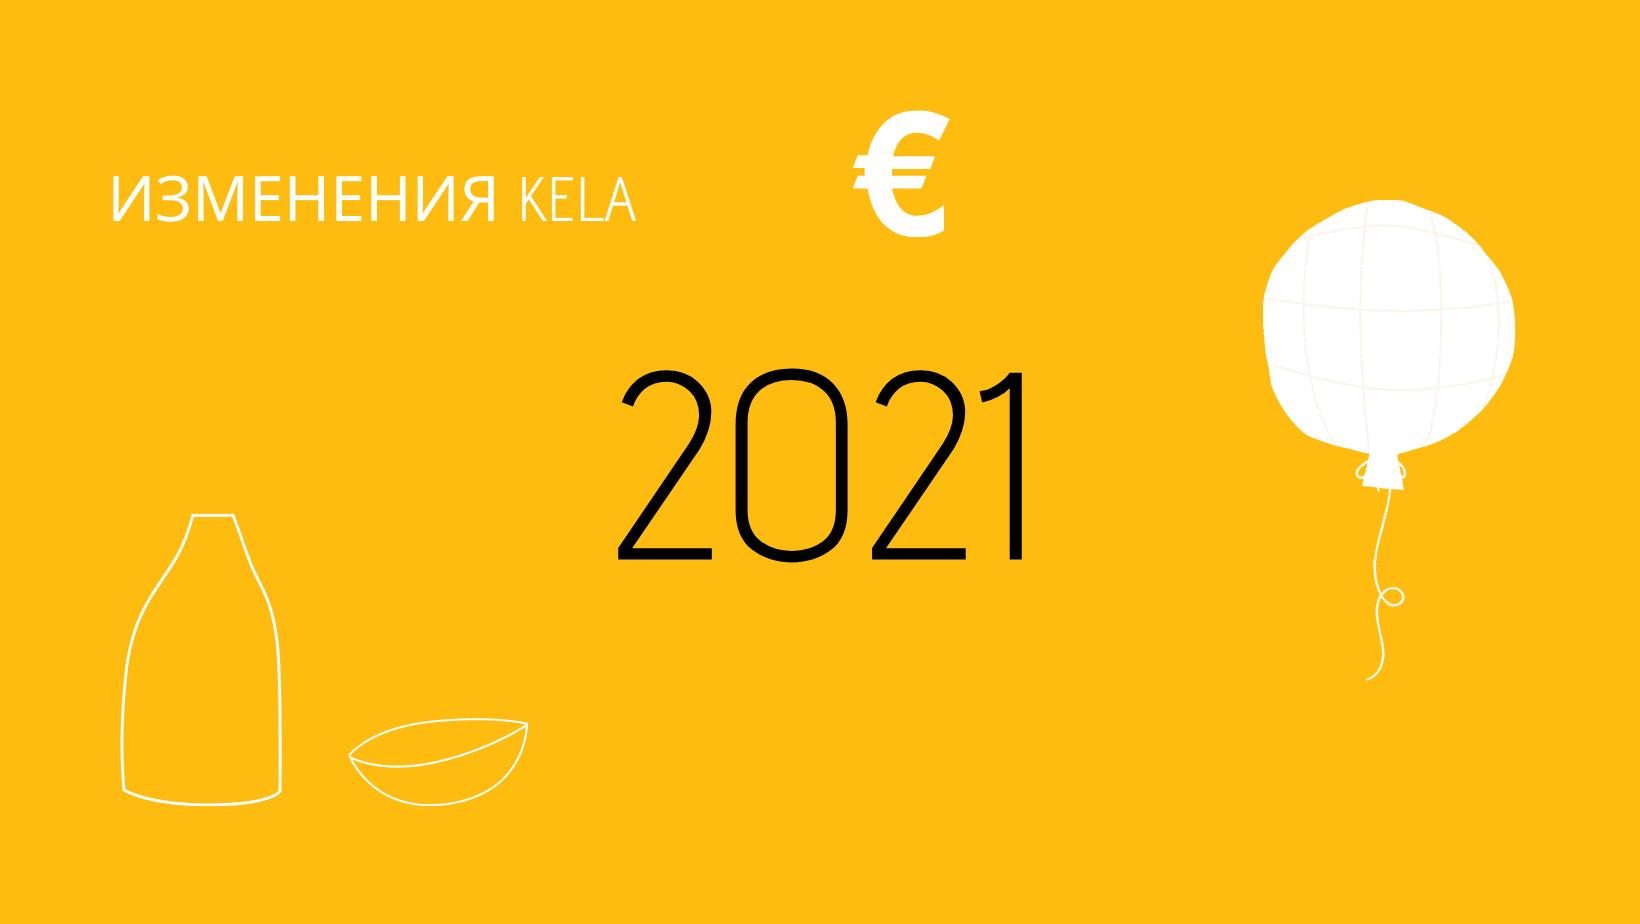 Изменения пособий Kela в 2021 году. Что поменялось?5 (1)